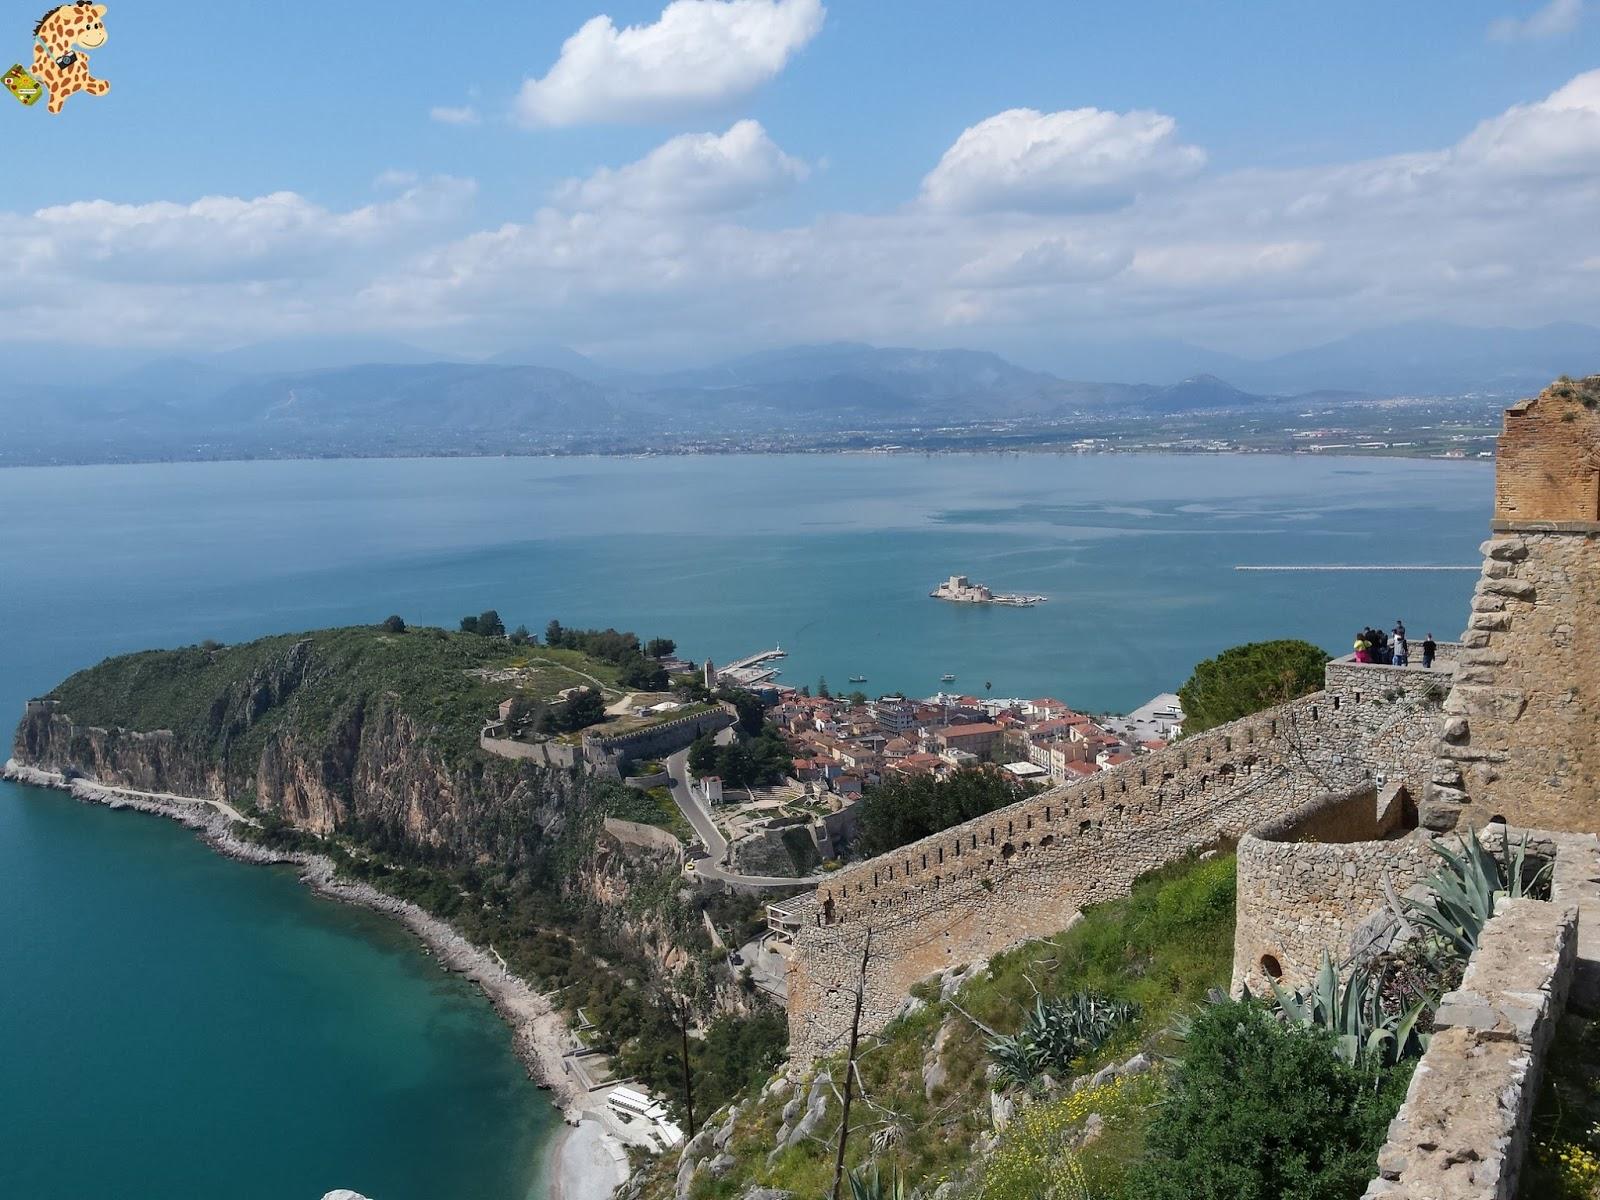 queverenelpeloponesoen3dias283329 - Peloponeso en 3 días: visitas imprescindibles